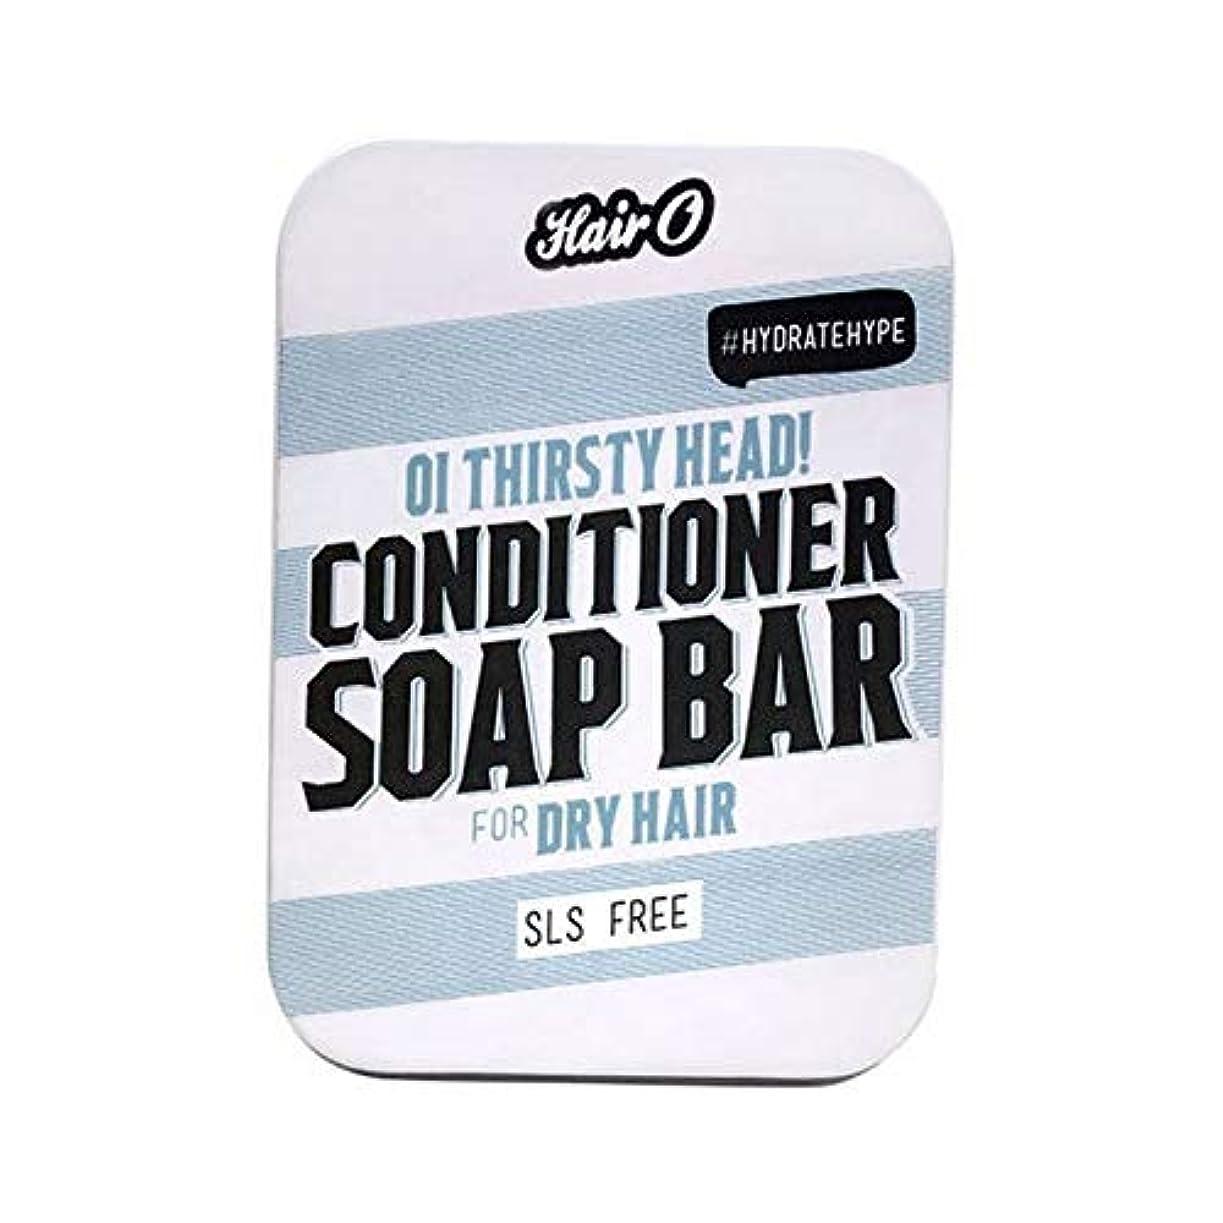 矩形レバー教えて[Hair O ] 大井のどが渇いヘッドコンディショナーソープバー100グラムO毛 - Hair O Oi Thirsty Head Conditioner Soap Bar 100g [並行輸入品]